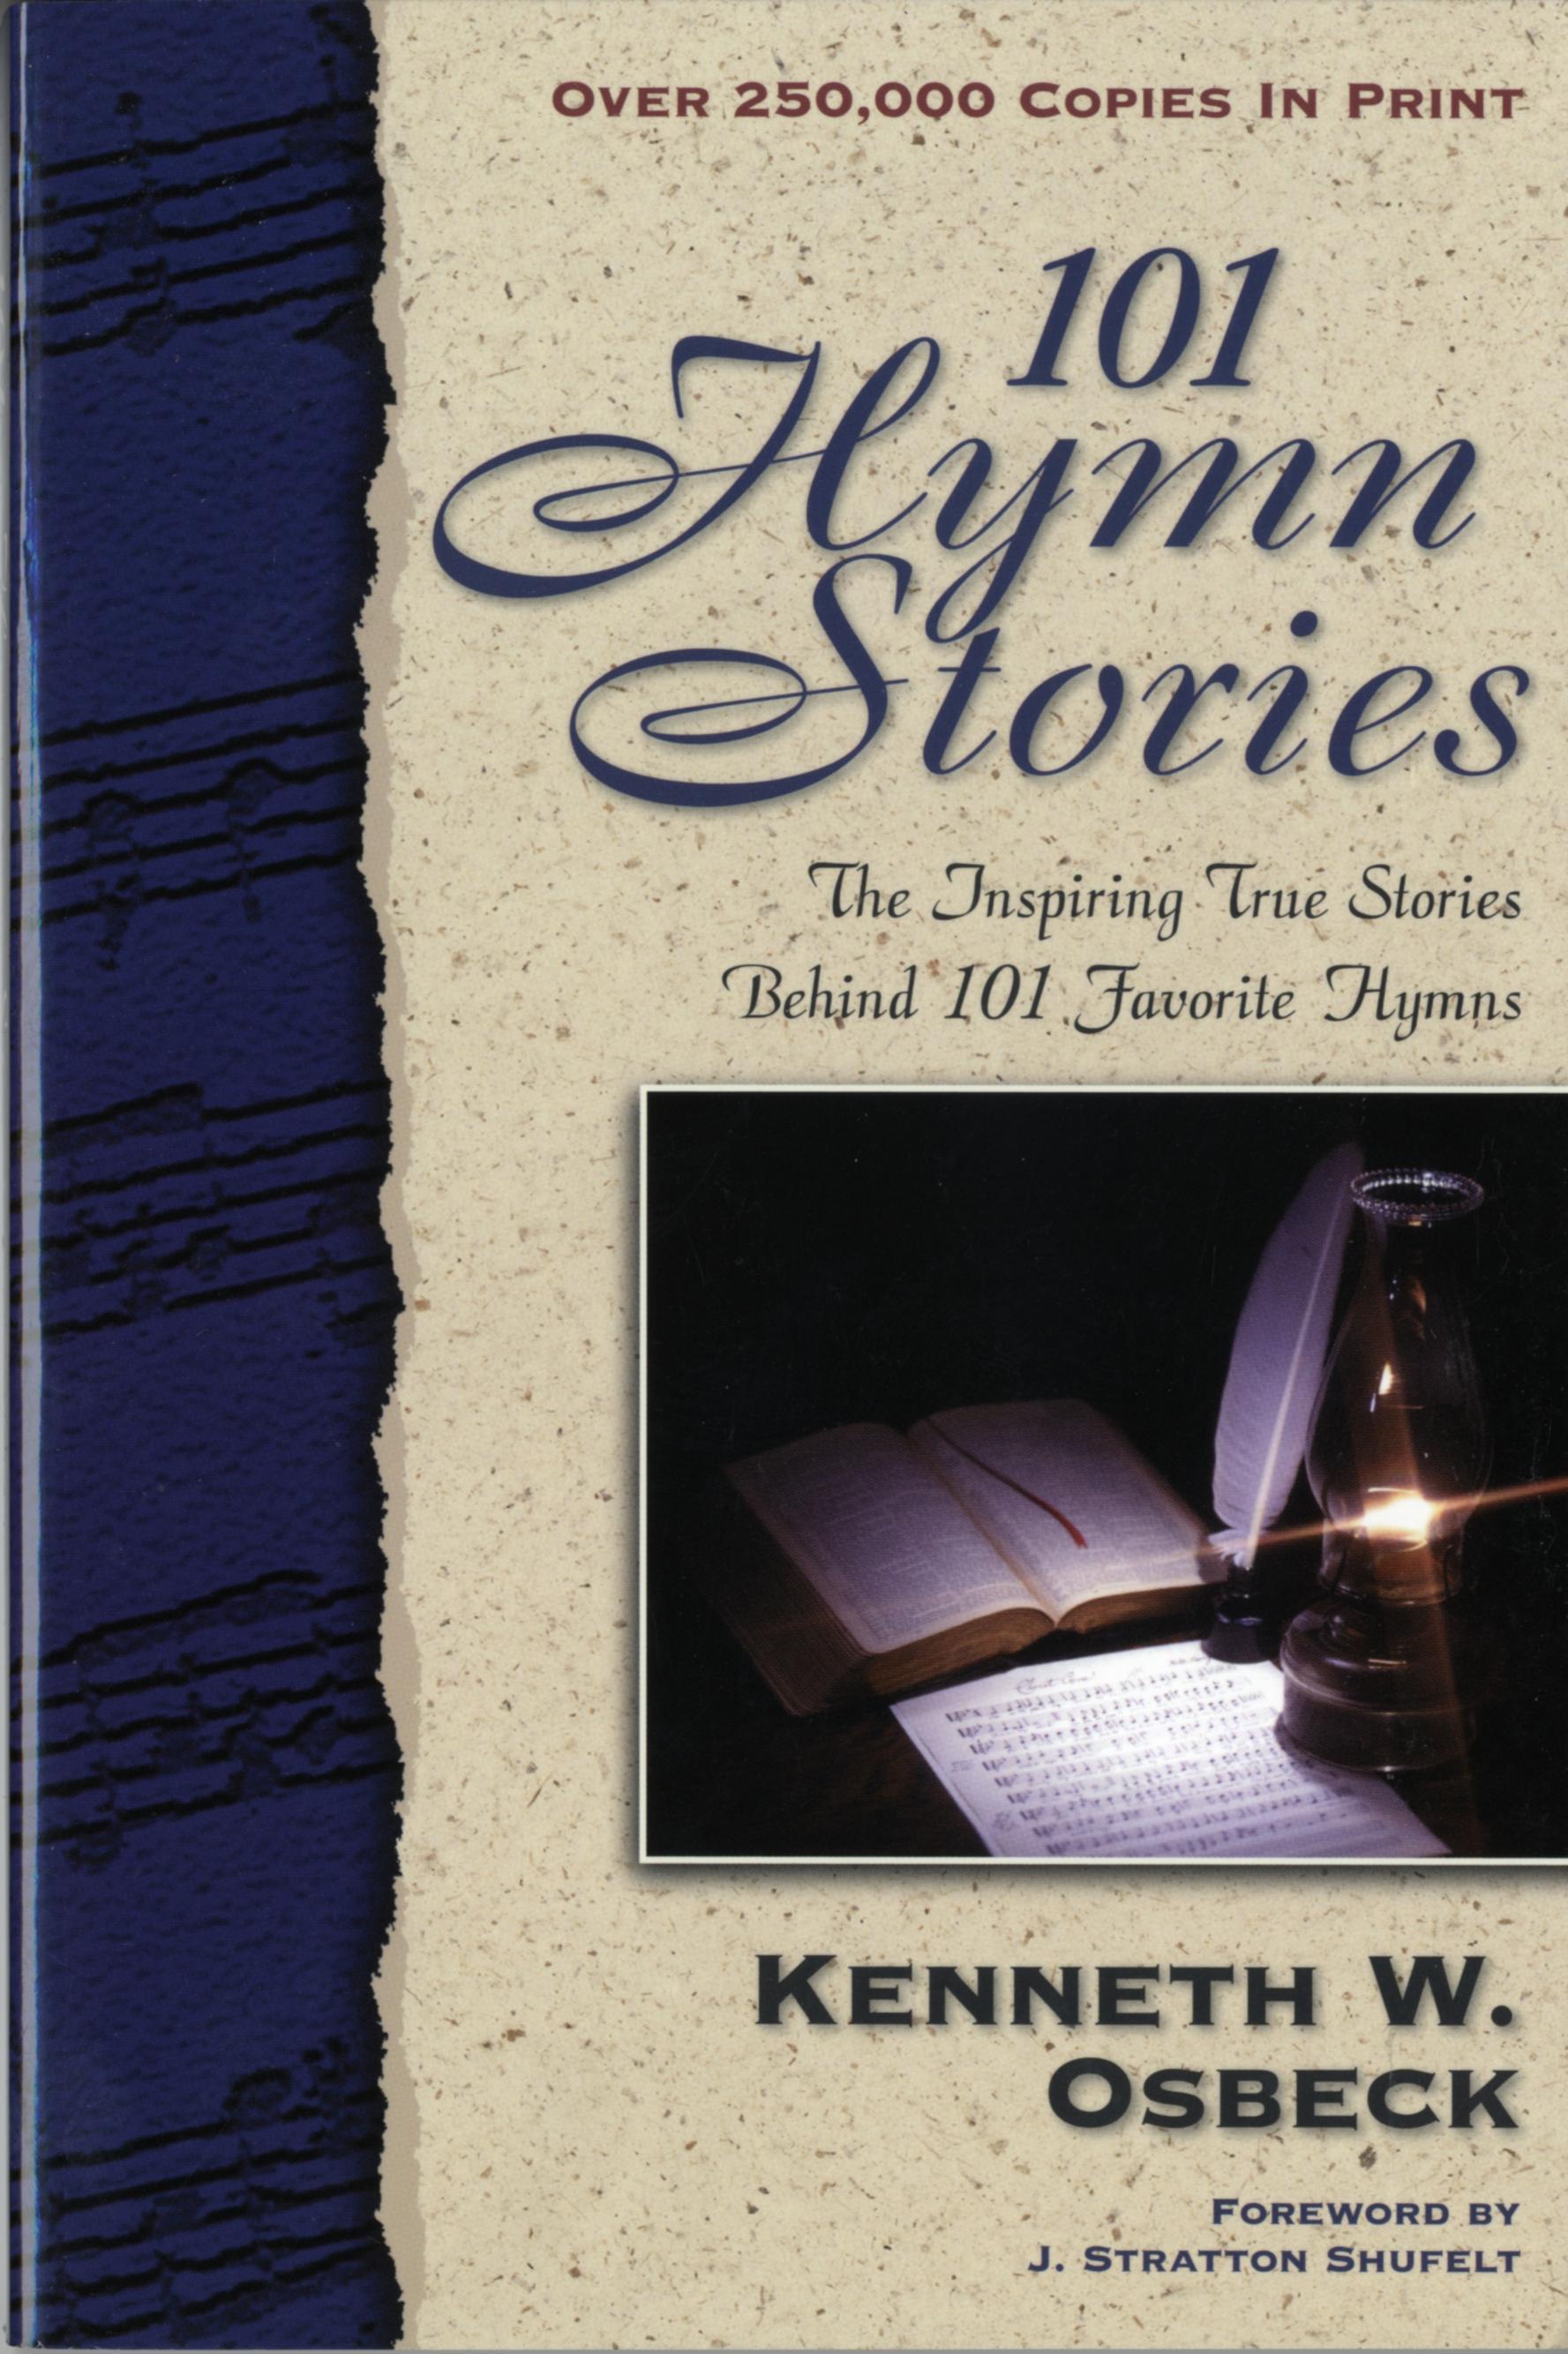 101 hymn stories pdf free download